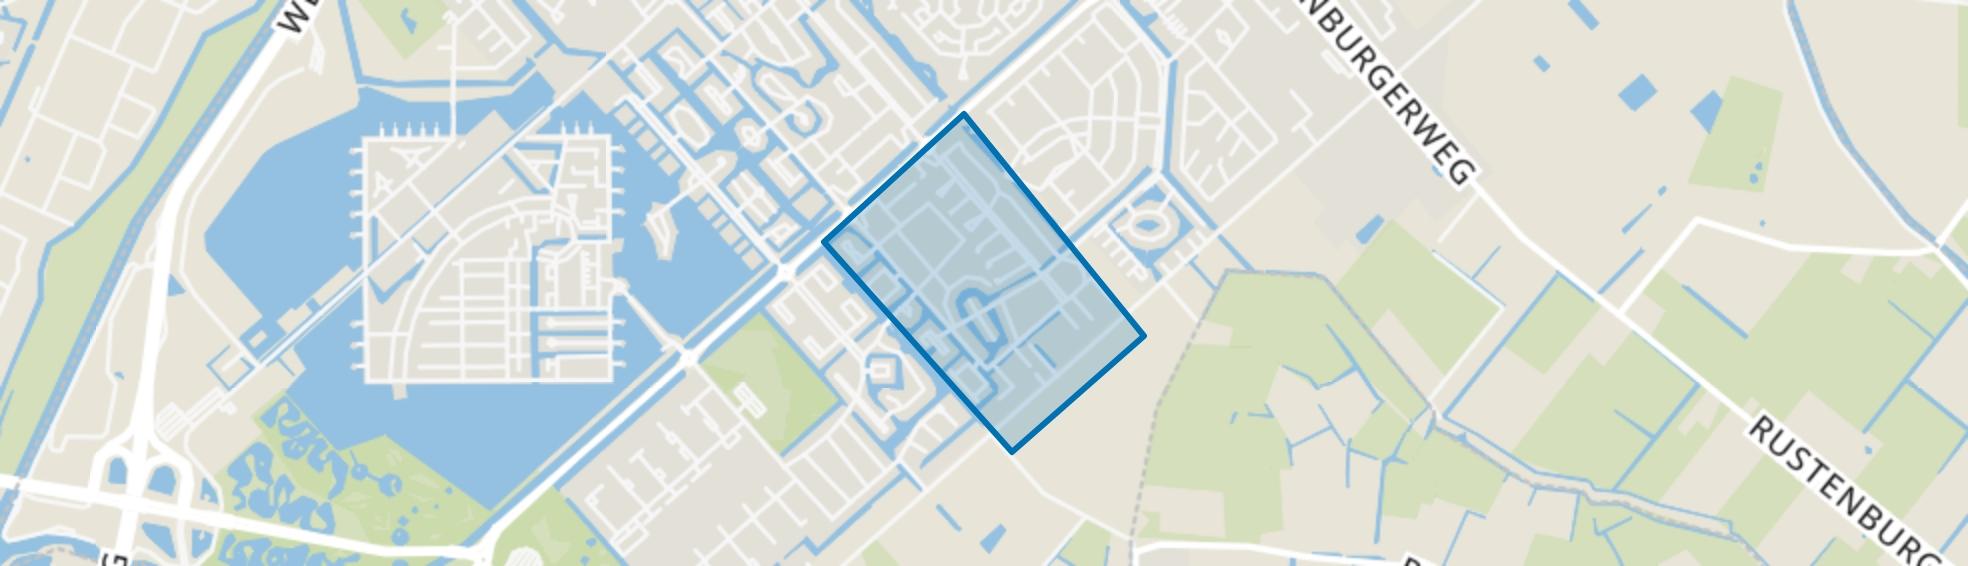 Huygenhoek 1, Heerhugowaard map